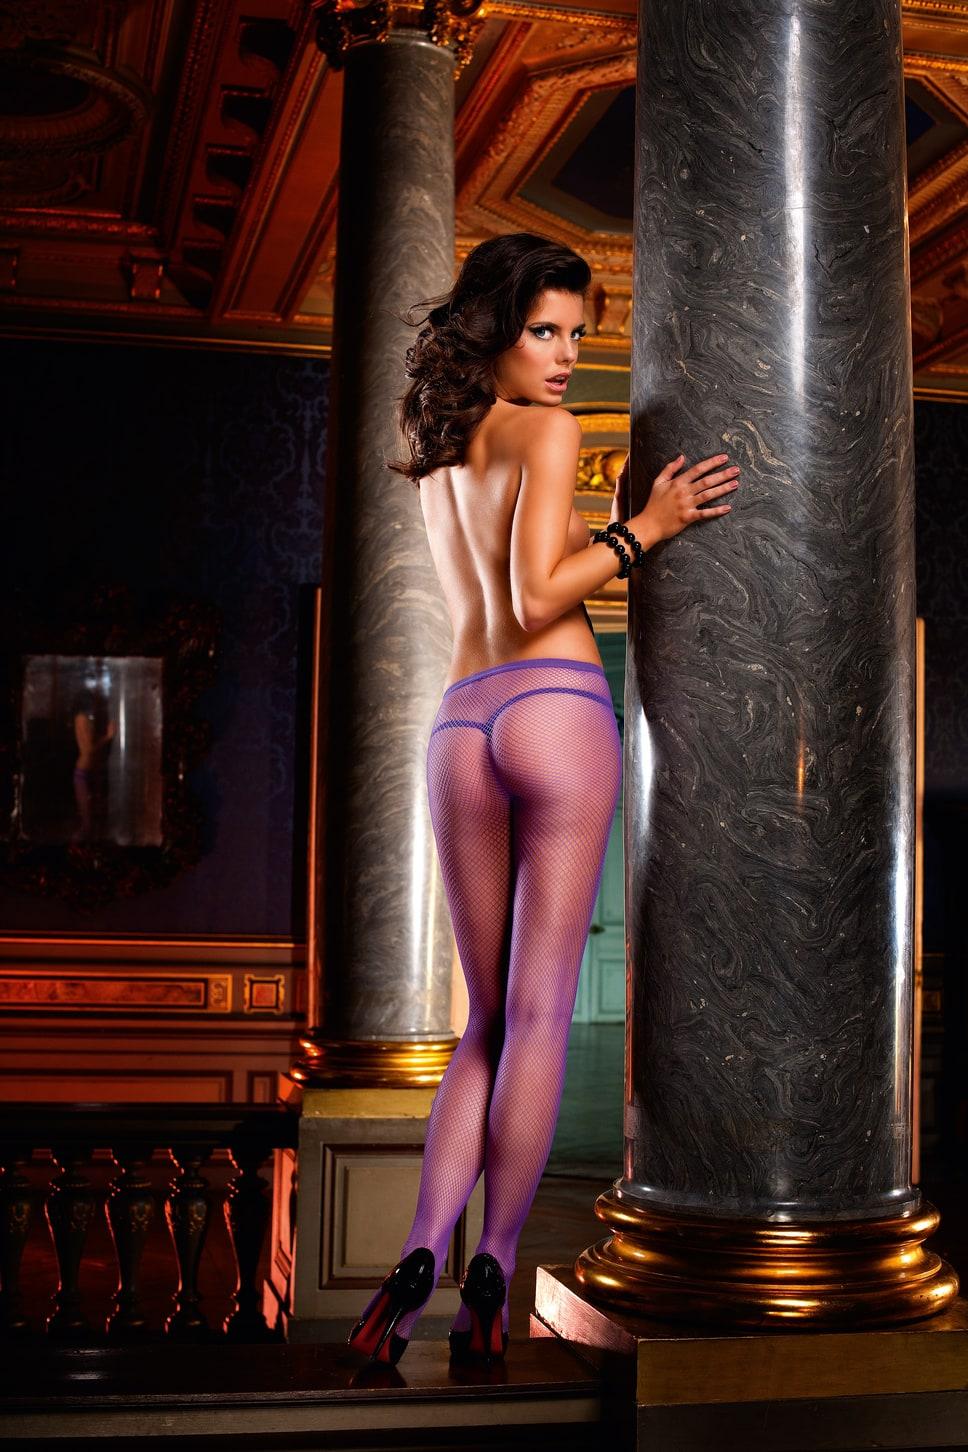 Фиолетовые колготки порно 12 фотография